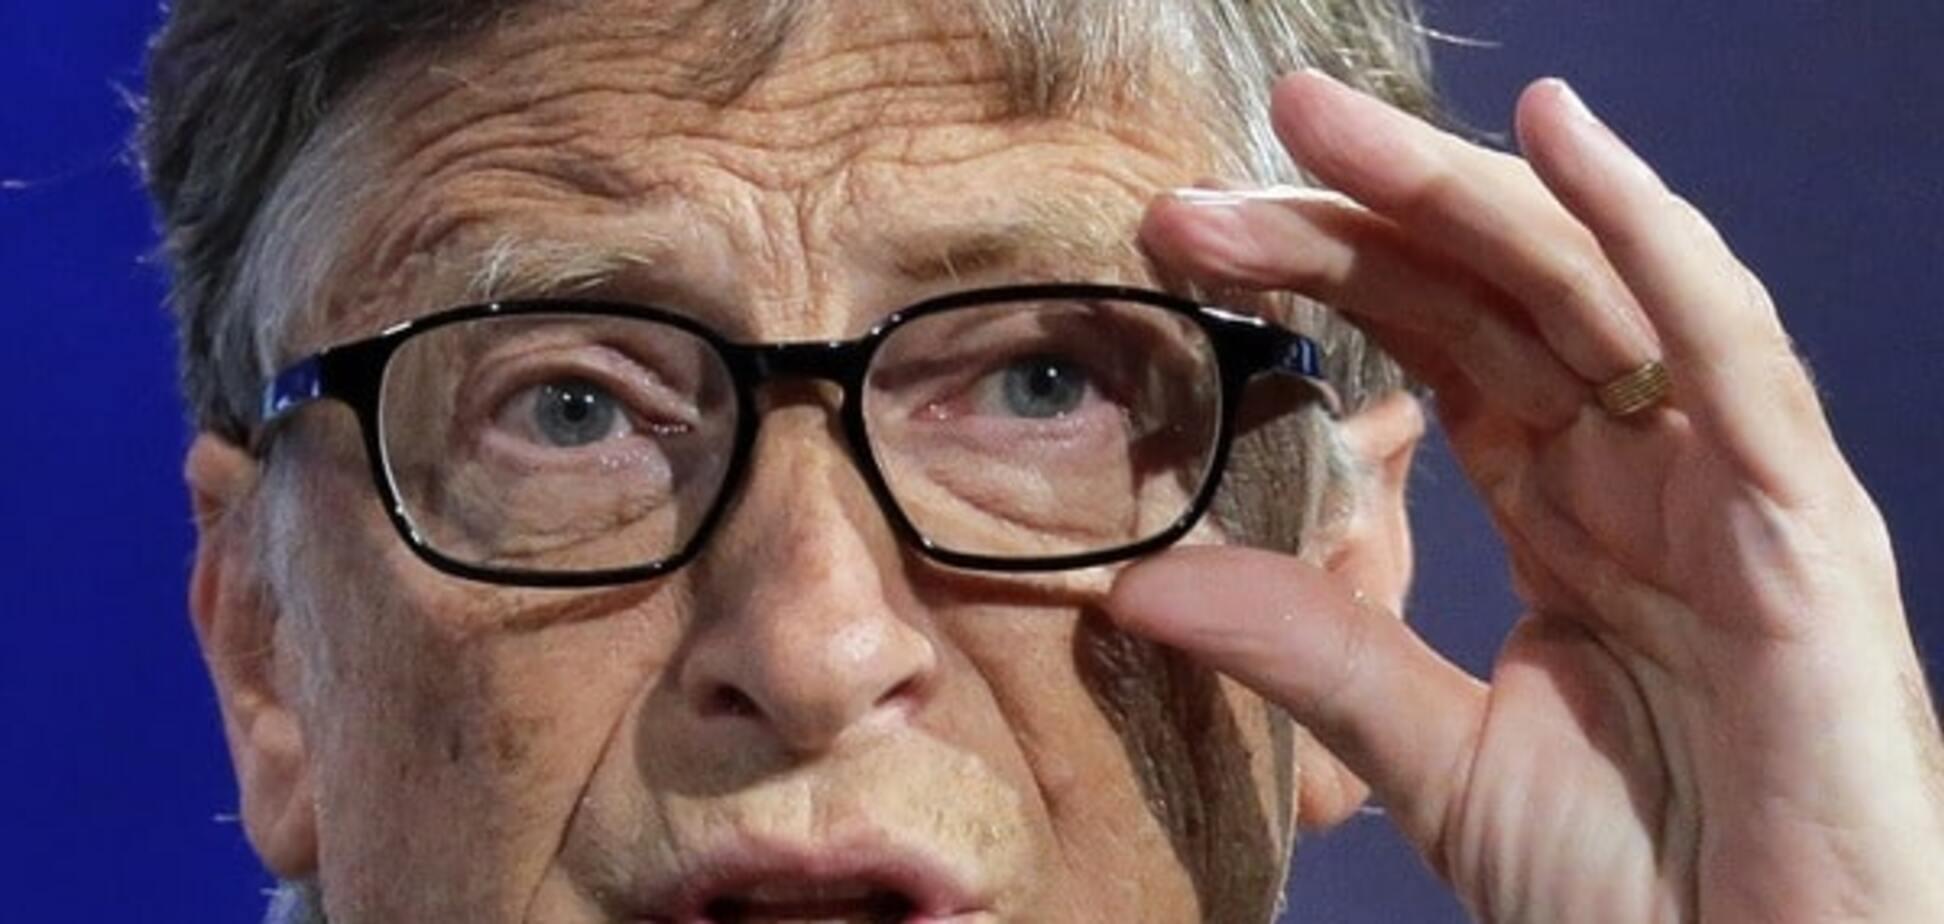 Билла Гейтса запугал 'расправой' известный музыкант: видеофакт